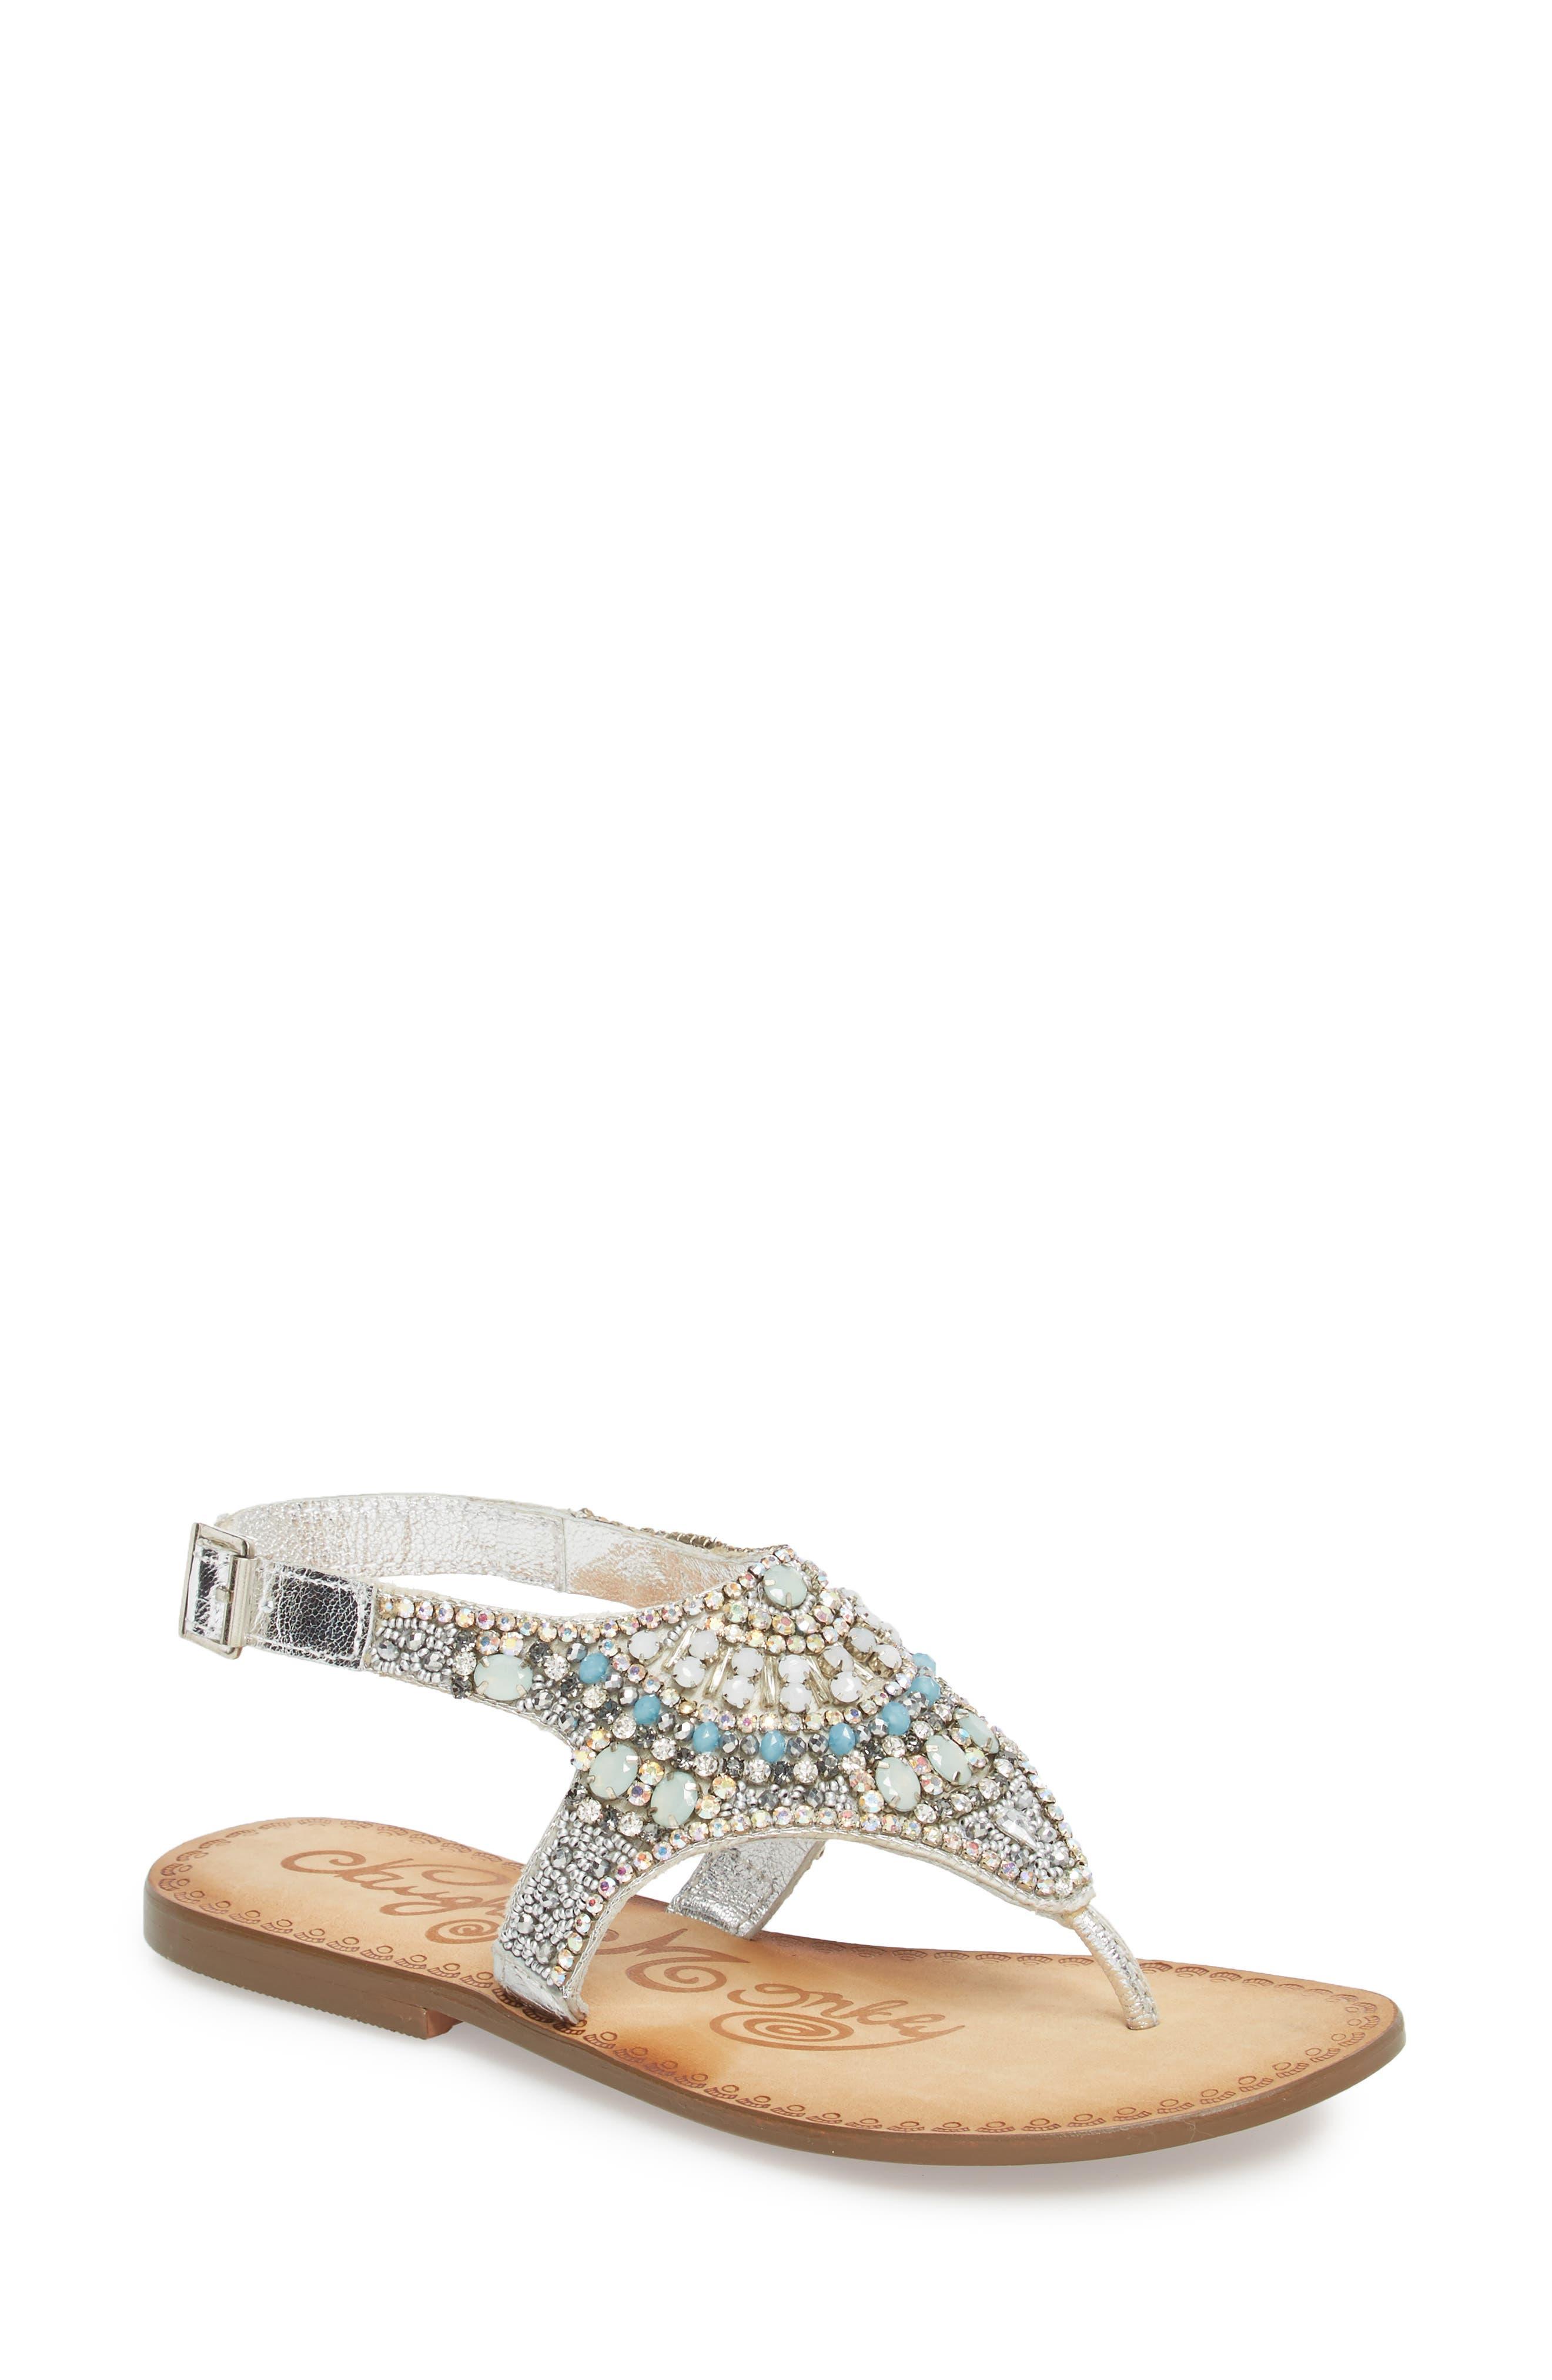 Iceberg Crystal Embellished Sandal,                         Main,                         color, 040